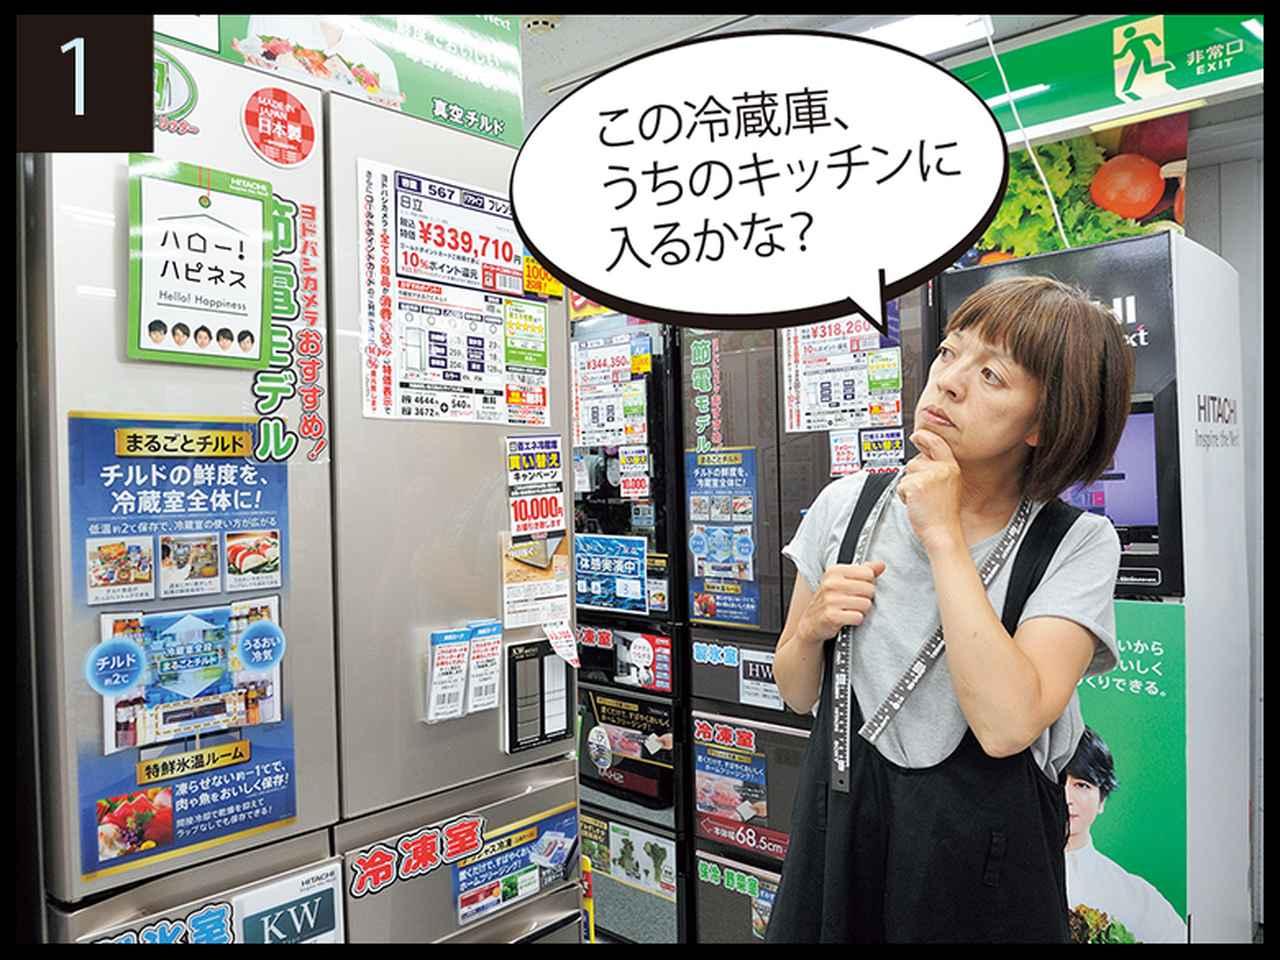 画像1: 冷蔵庫、エアコンなど、大型家電をわが家に無事に搬入・設置できる?事前の見積もりが、なんと実質無料!